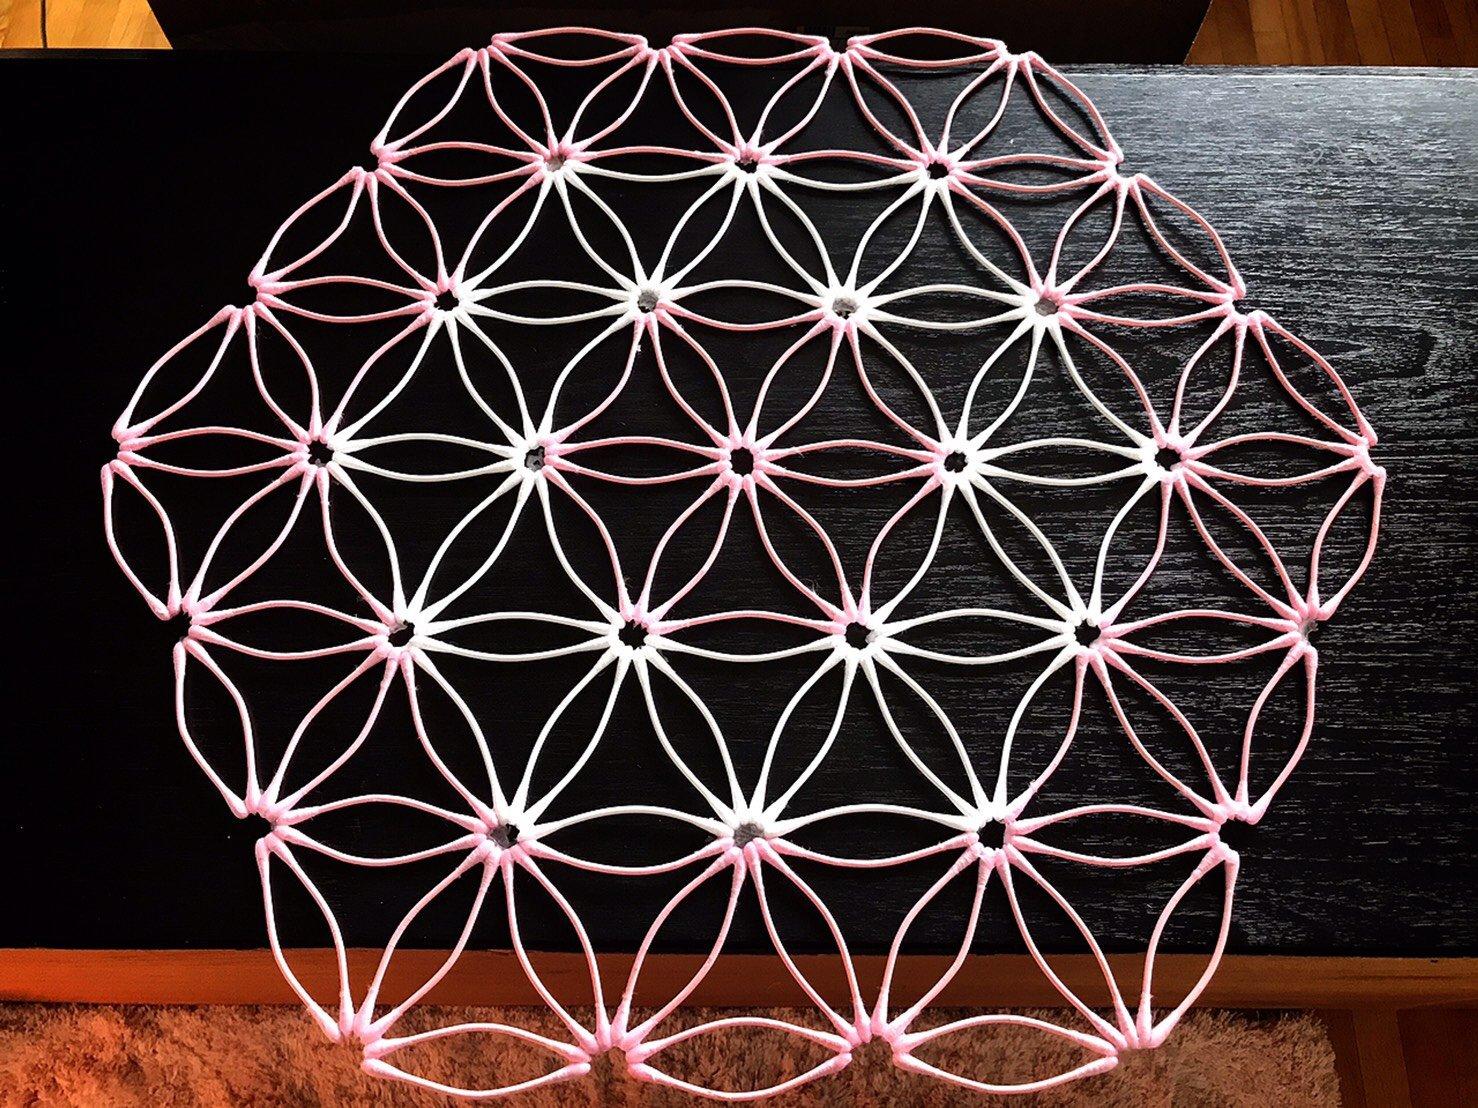 [会員様専用]《5/27 12:00〜》紙=神の棒! 綿棒でつくる 平面の神聖幾何学 (ベクトル平衡体) オンラインワークショップのイメージその1